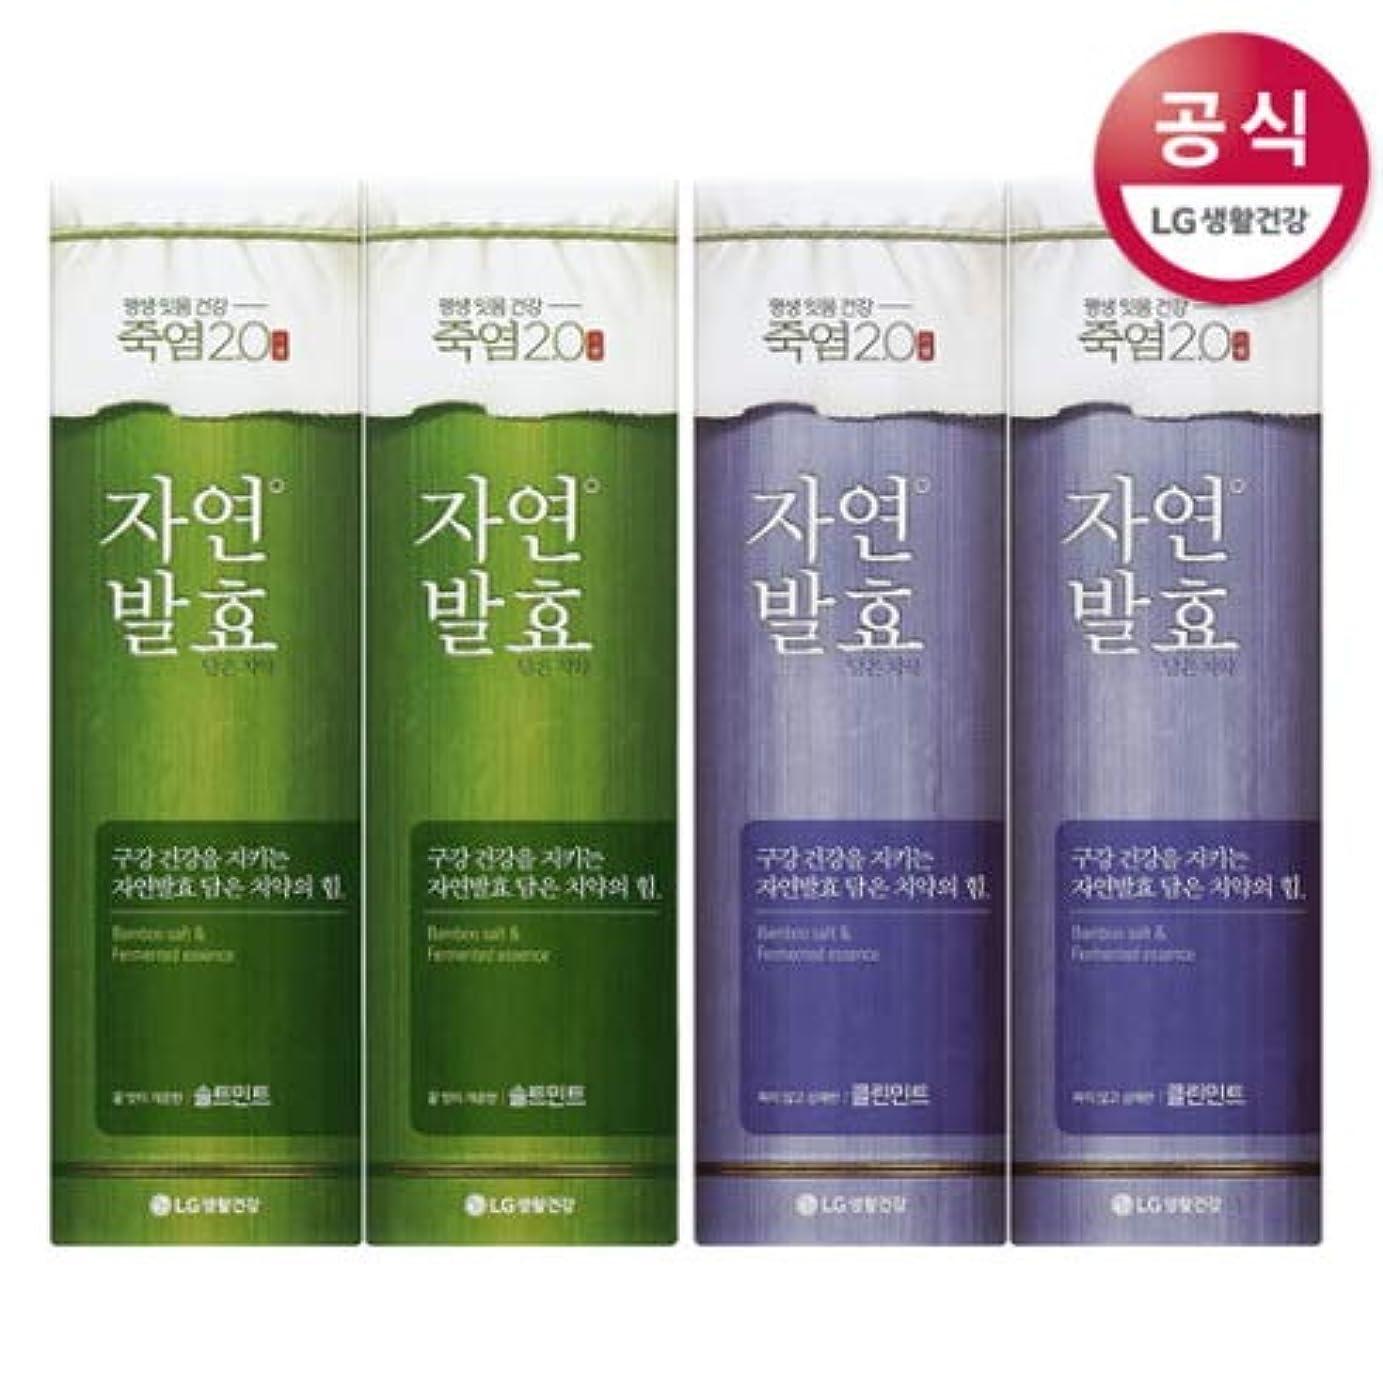 困惑した救急車影響を受けやすいです[LG HnB] Bamboo salt natural fermentation toothpaste/竹塩自然発酵入れた歯磨き粉 100gx4個(海外直送品)